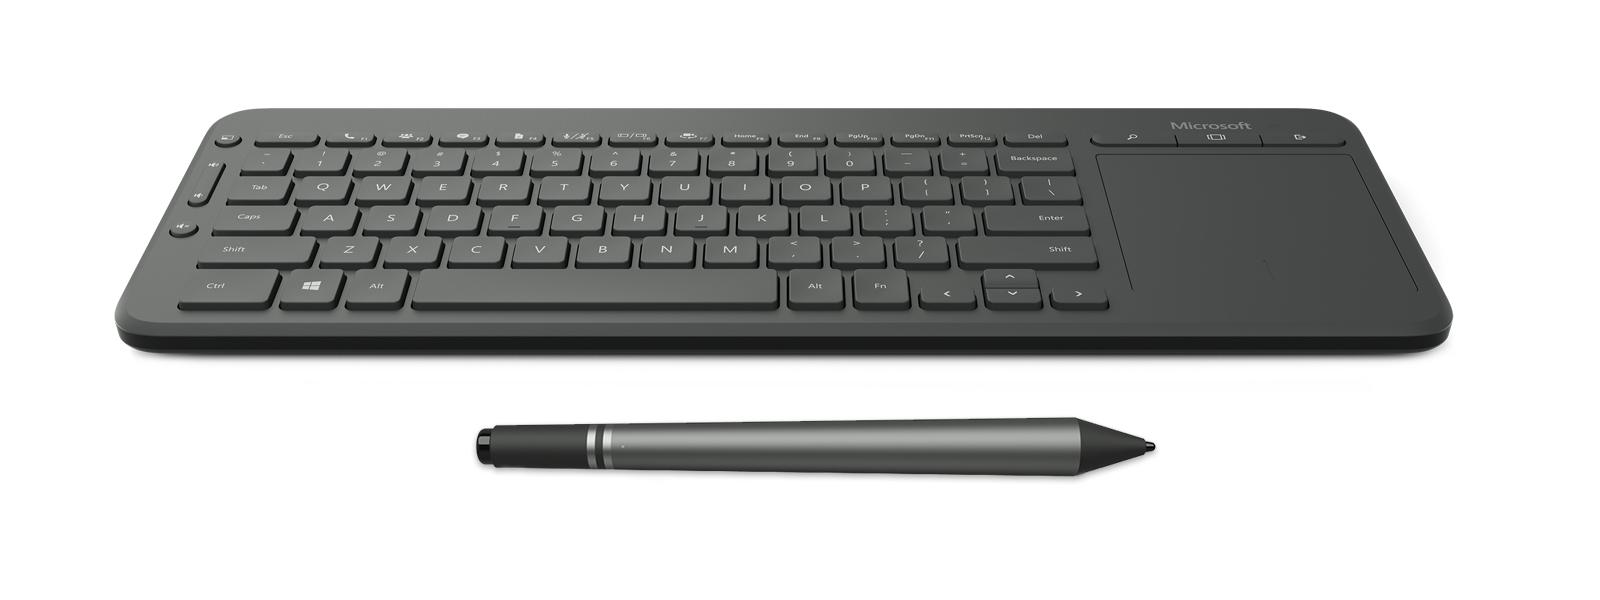 O Keyboard e a Caneta fornecidos com o Surface Hub.